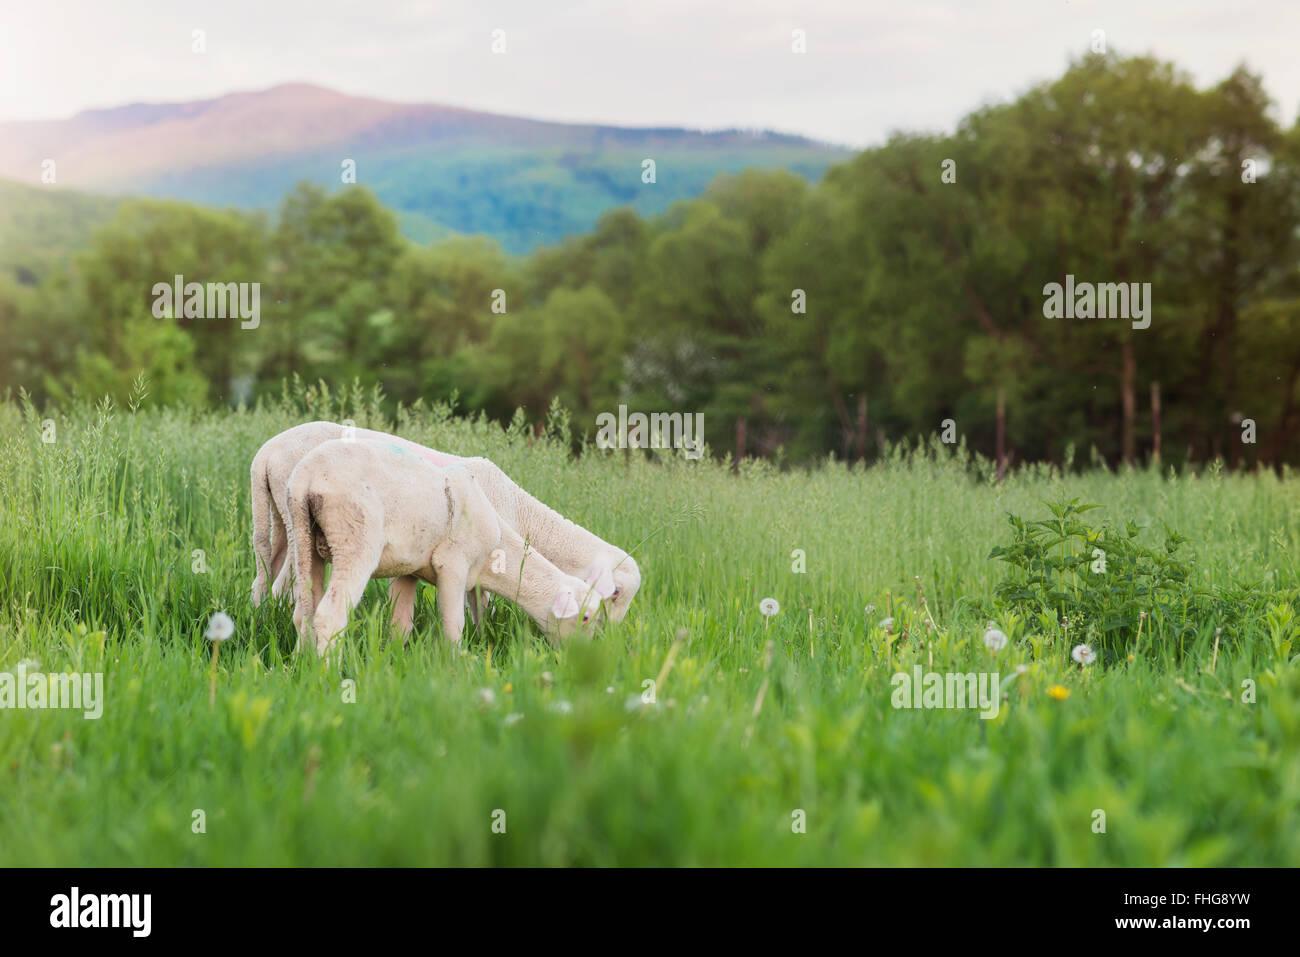 Deux Moutons broutant dans un pré, arbres et herbe verte Photo Stock